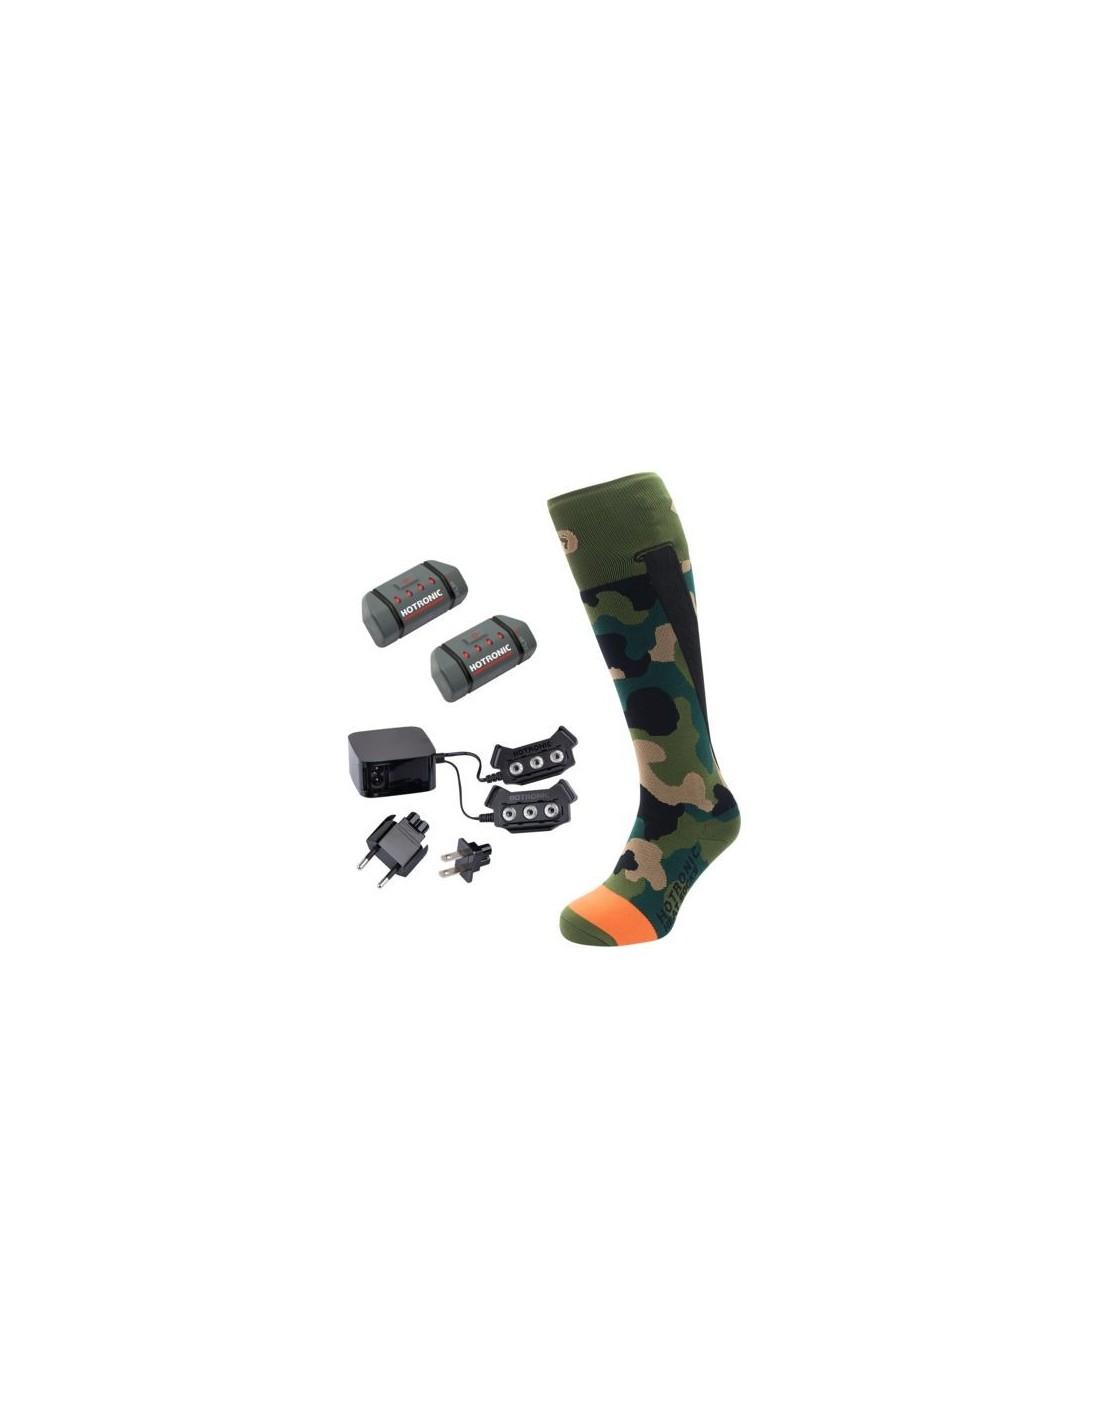 49x0,7mm 80Stk. perlenundmehr Nietstifte//Kettelstifte//Prismenstifte mit Flachkopf versilbert 180011